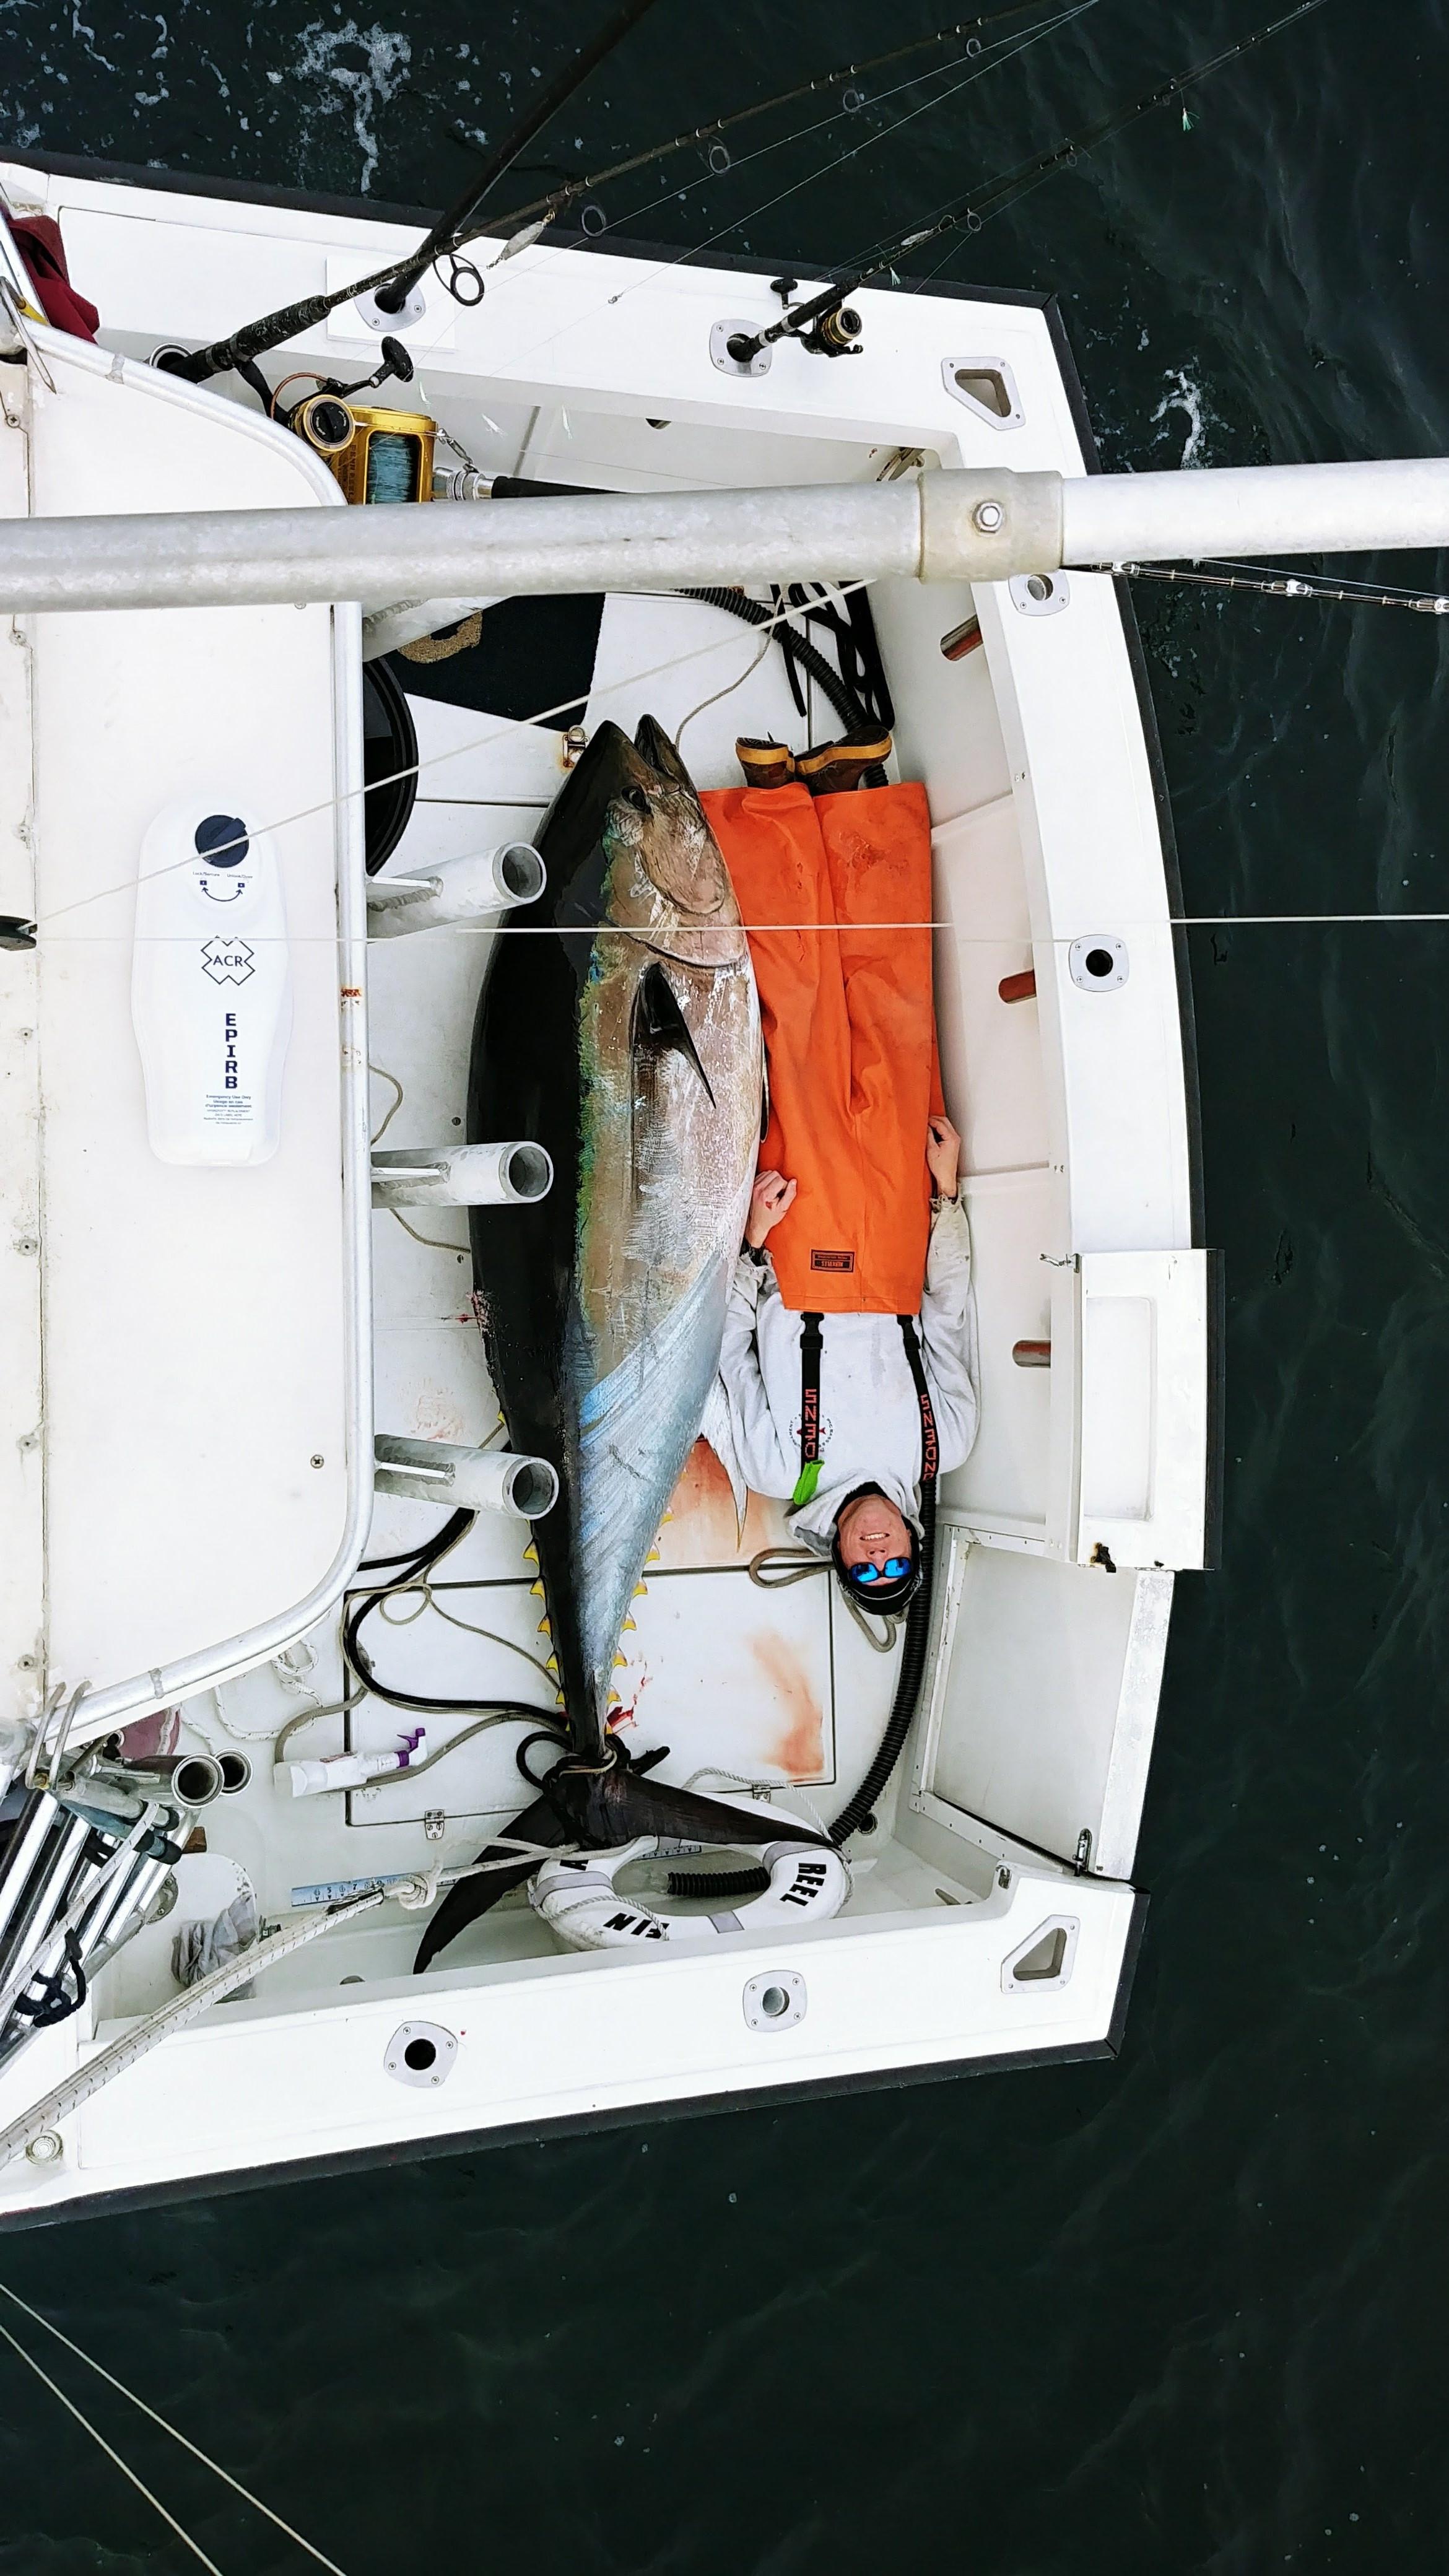 Big Game - Bluefin Tuna